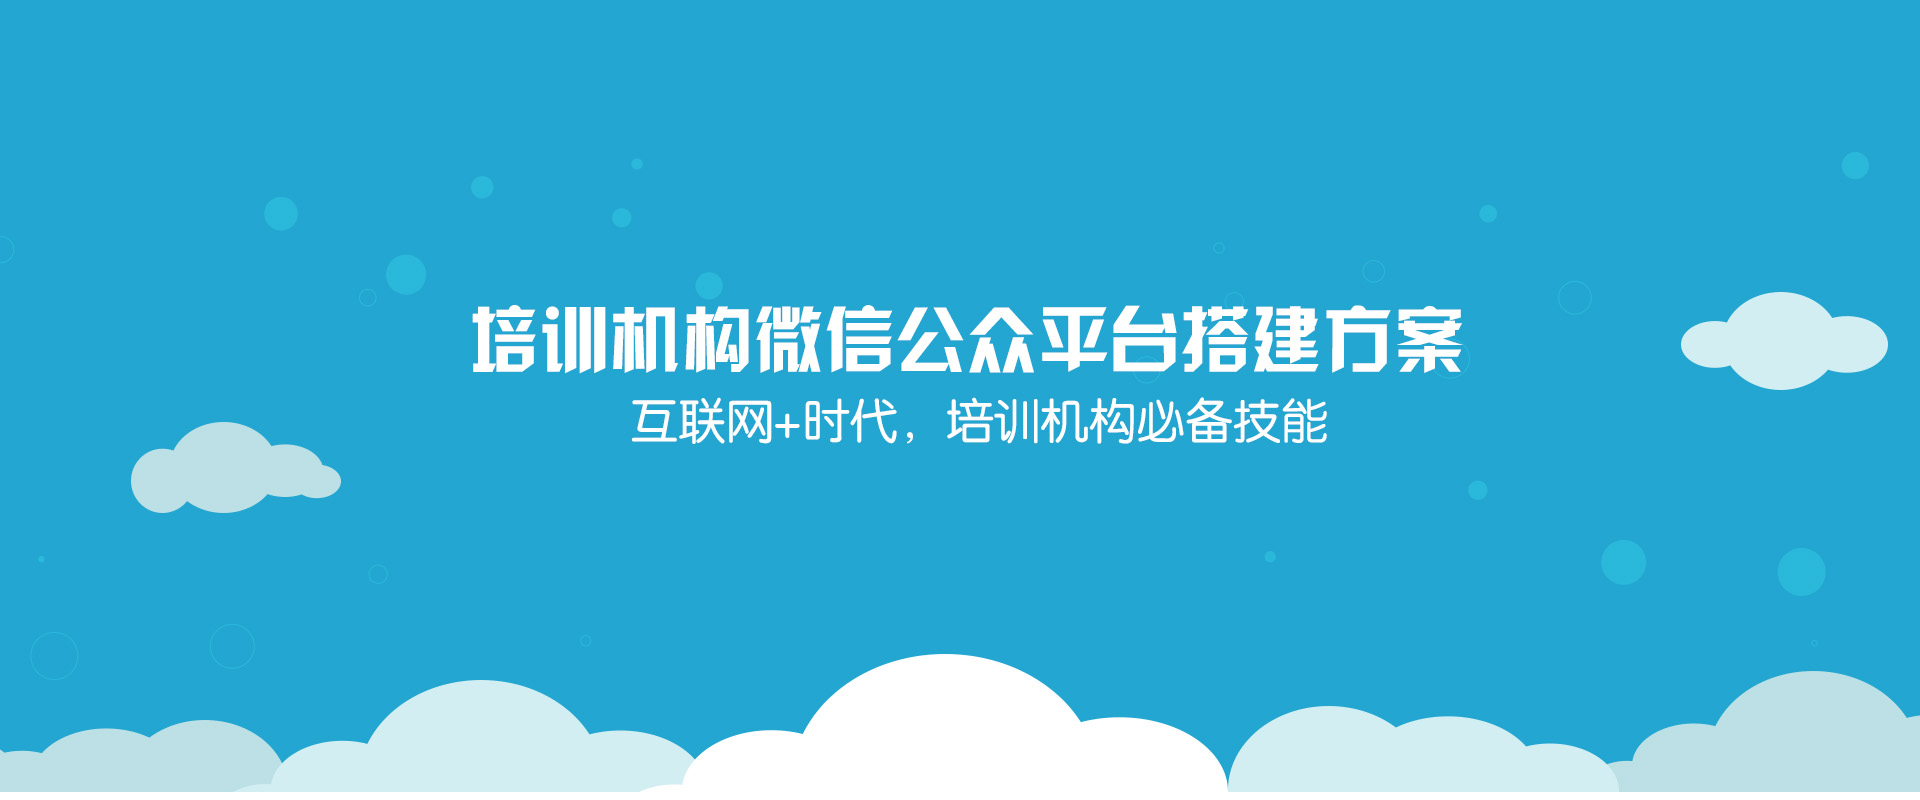 培训机构微信公众平台建设方案